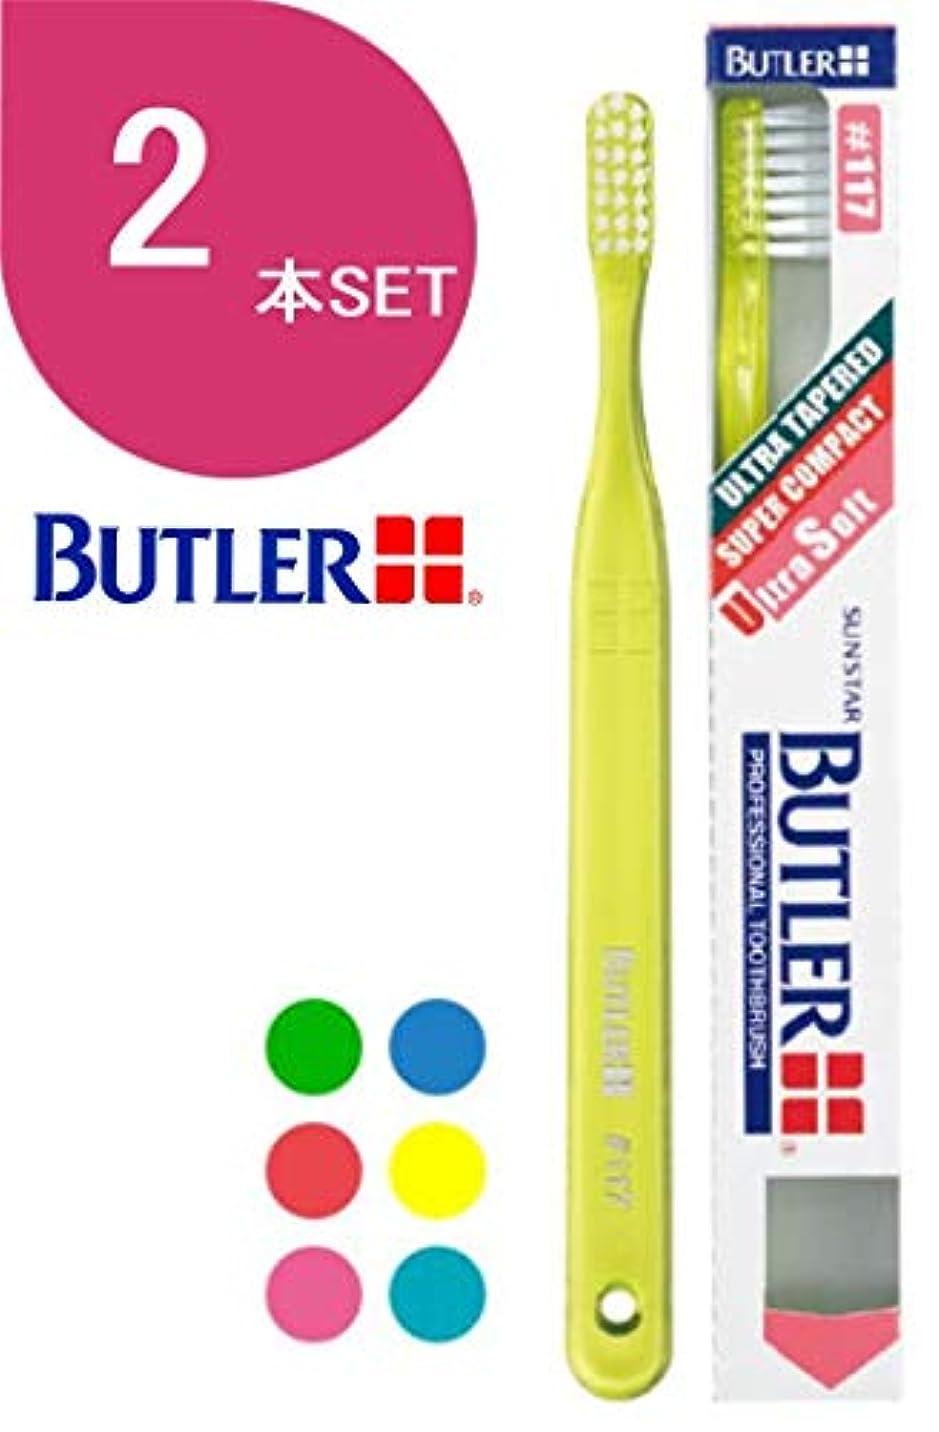 対応する一緒起こるサンスター バトラー(BUTLER) 歯ブラシ 2本 #117